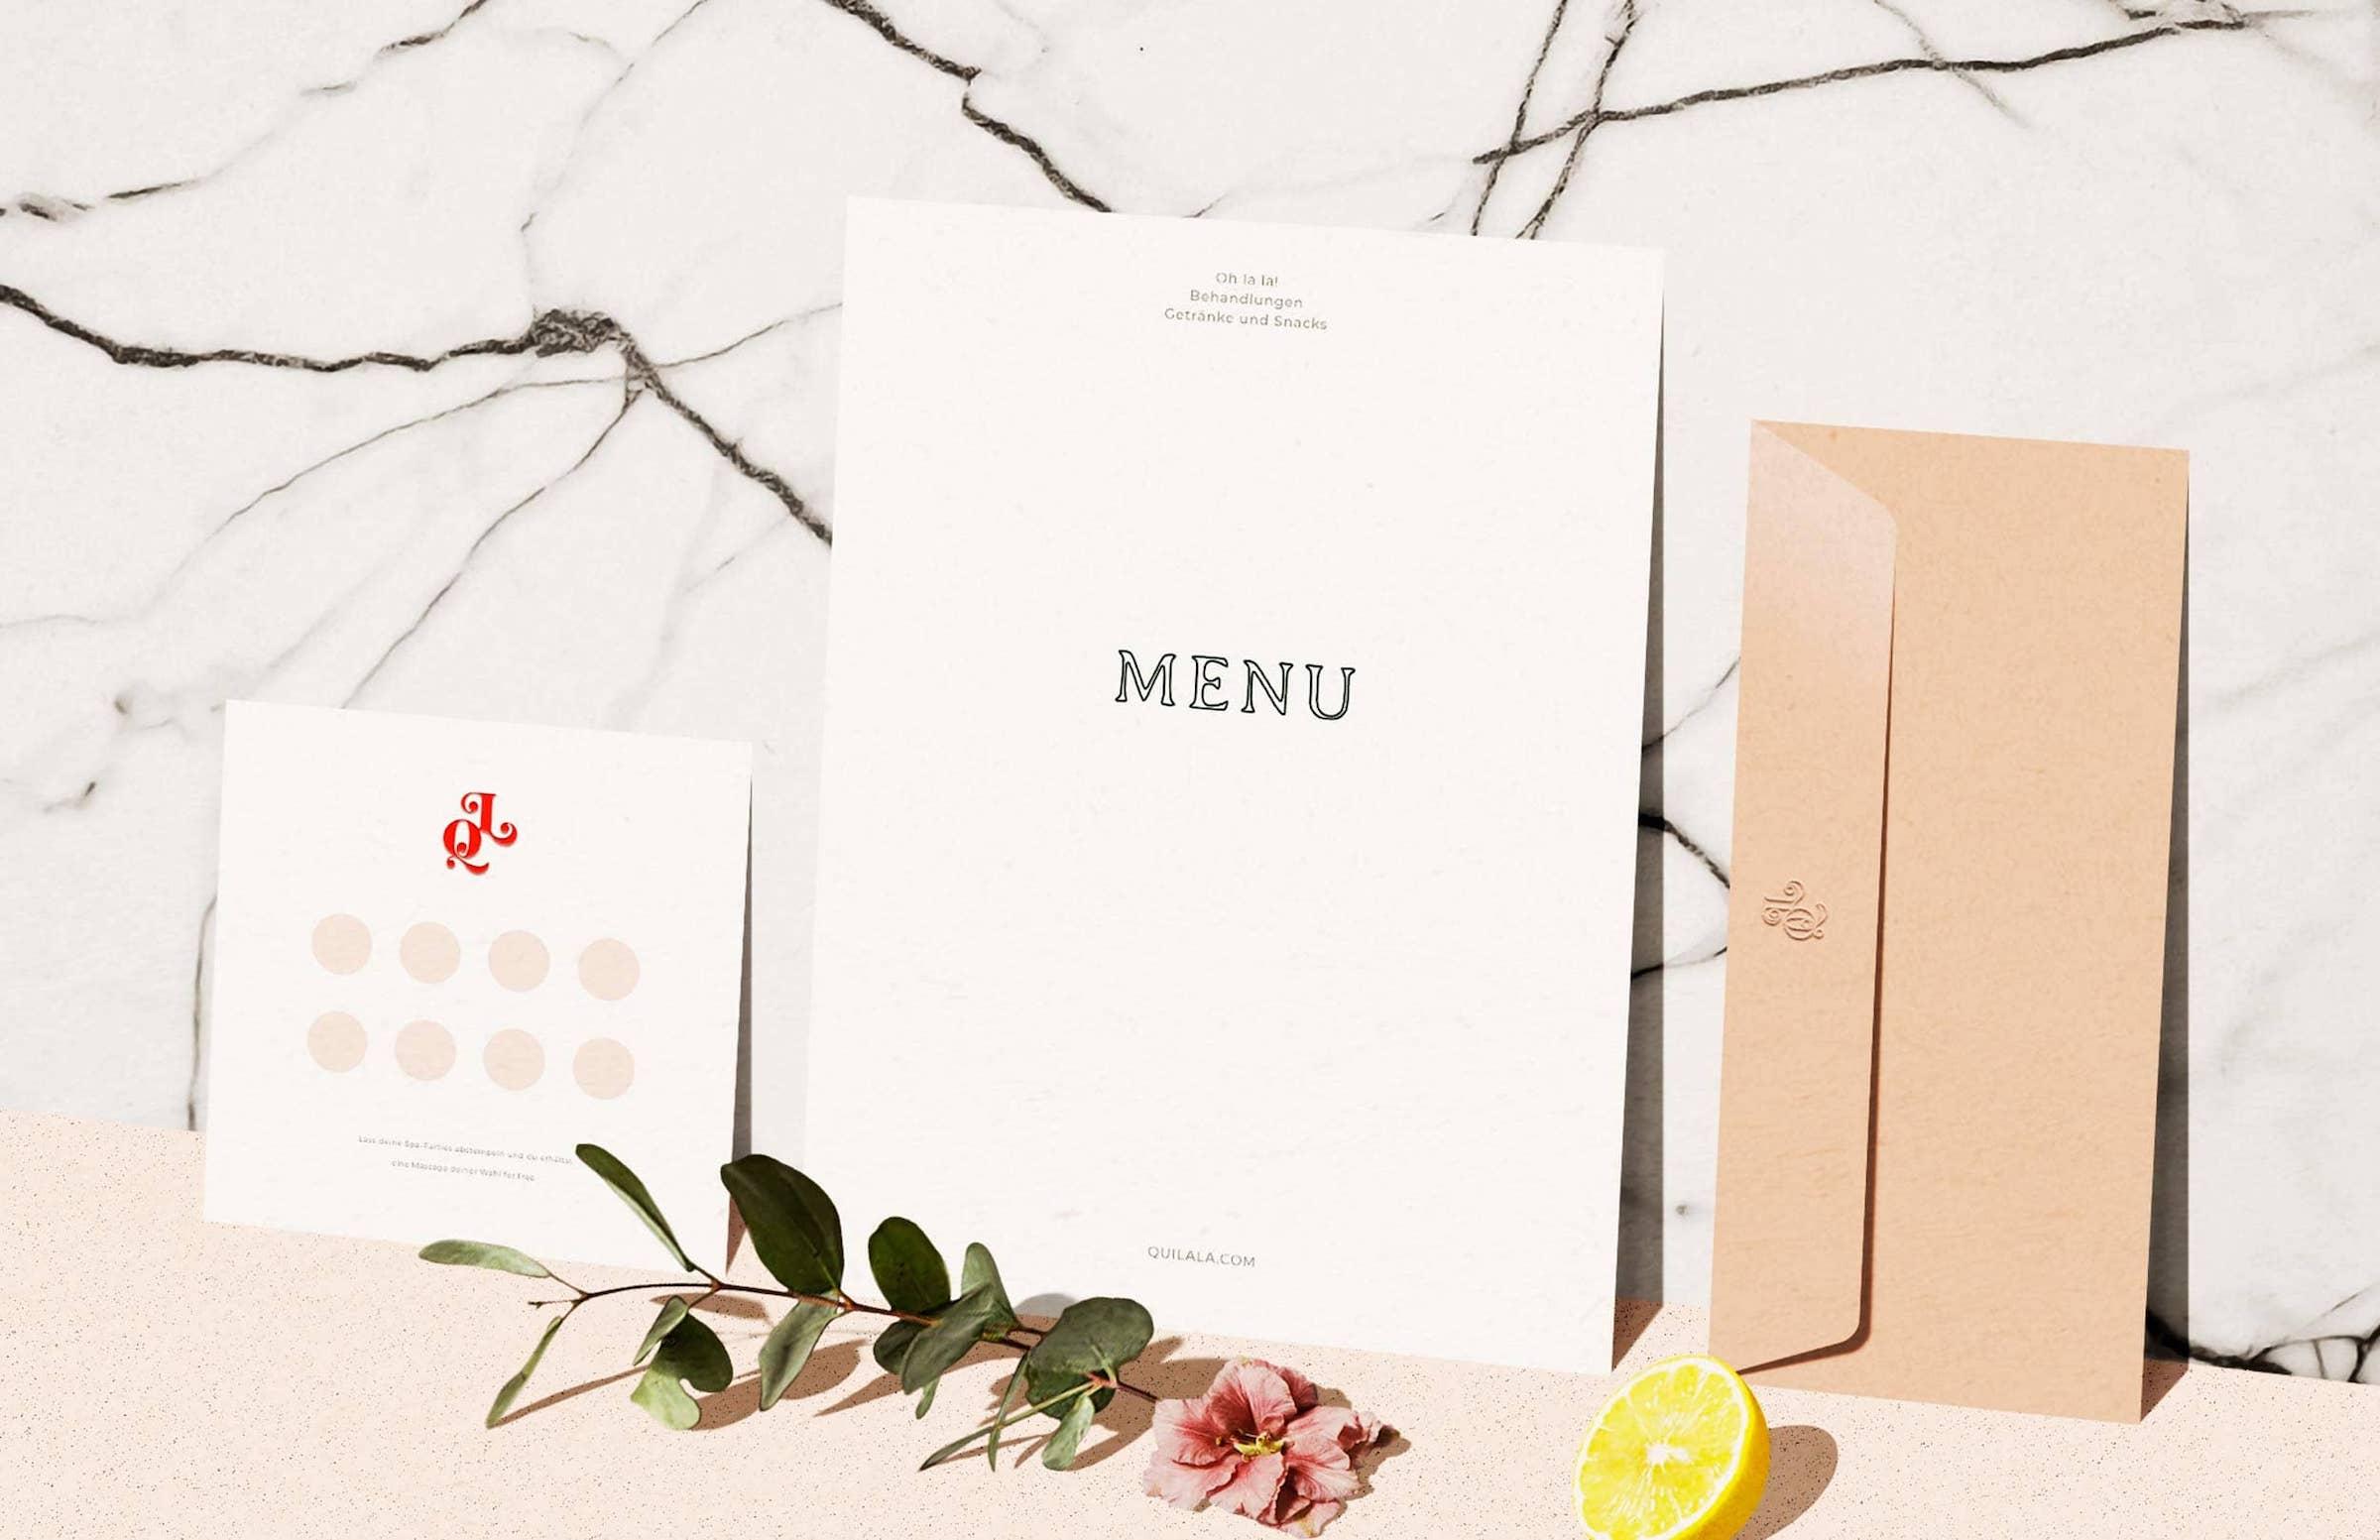 Druckerzeugnisse: Stempelkarte, Getränke-Karte / Menü, geprägte Umschläge